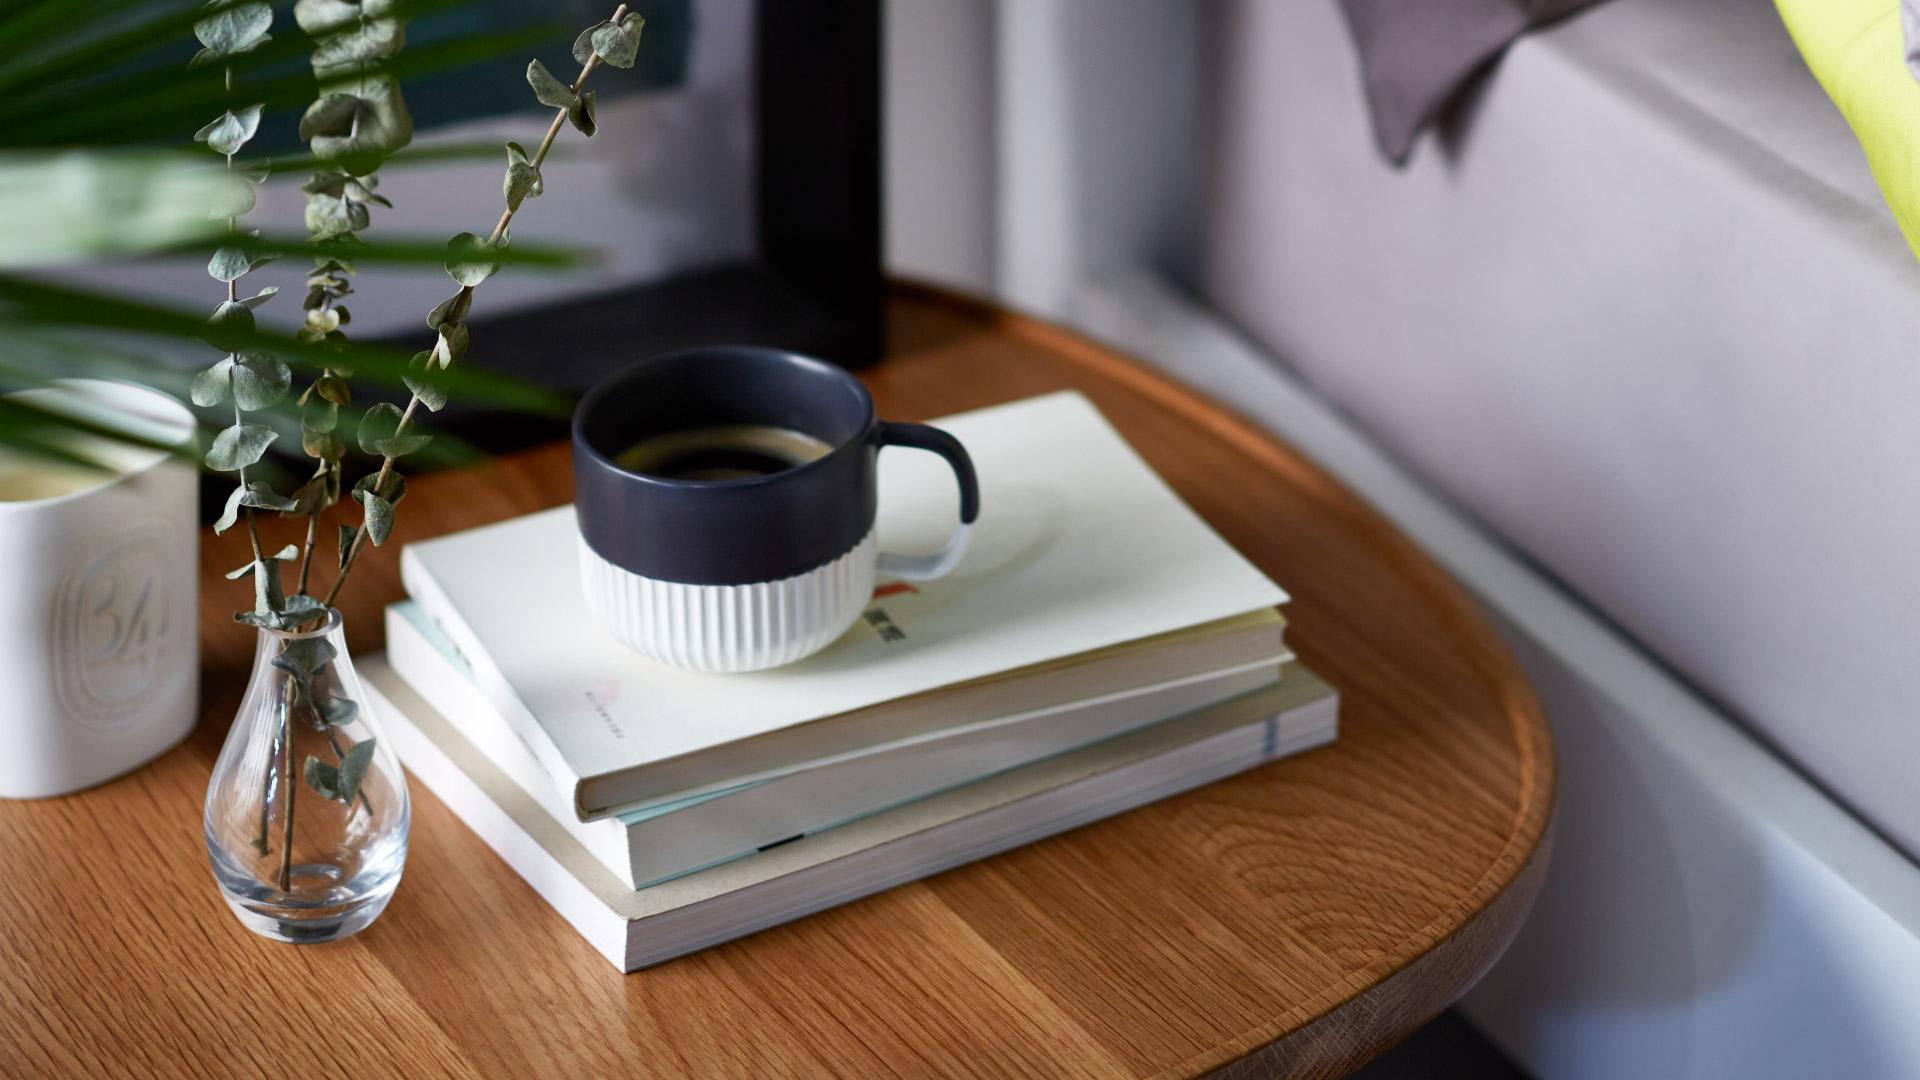 一天的始与终,从早间的一杯热牛奶开始,上午11点喝杯咖啡让身体打起精神,下午3点玫瑰花茶芬芳一个午后,尾声则萦绕在薰衣草茶香中,唇齿留香而眠。良时善度,日日与温润简素的杯子为伴,有它即是幸福与满足。